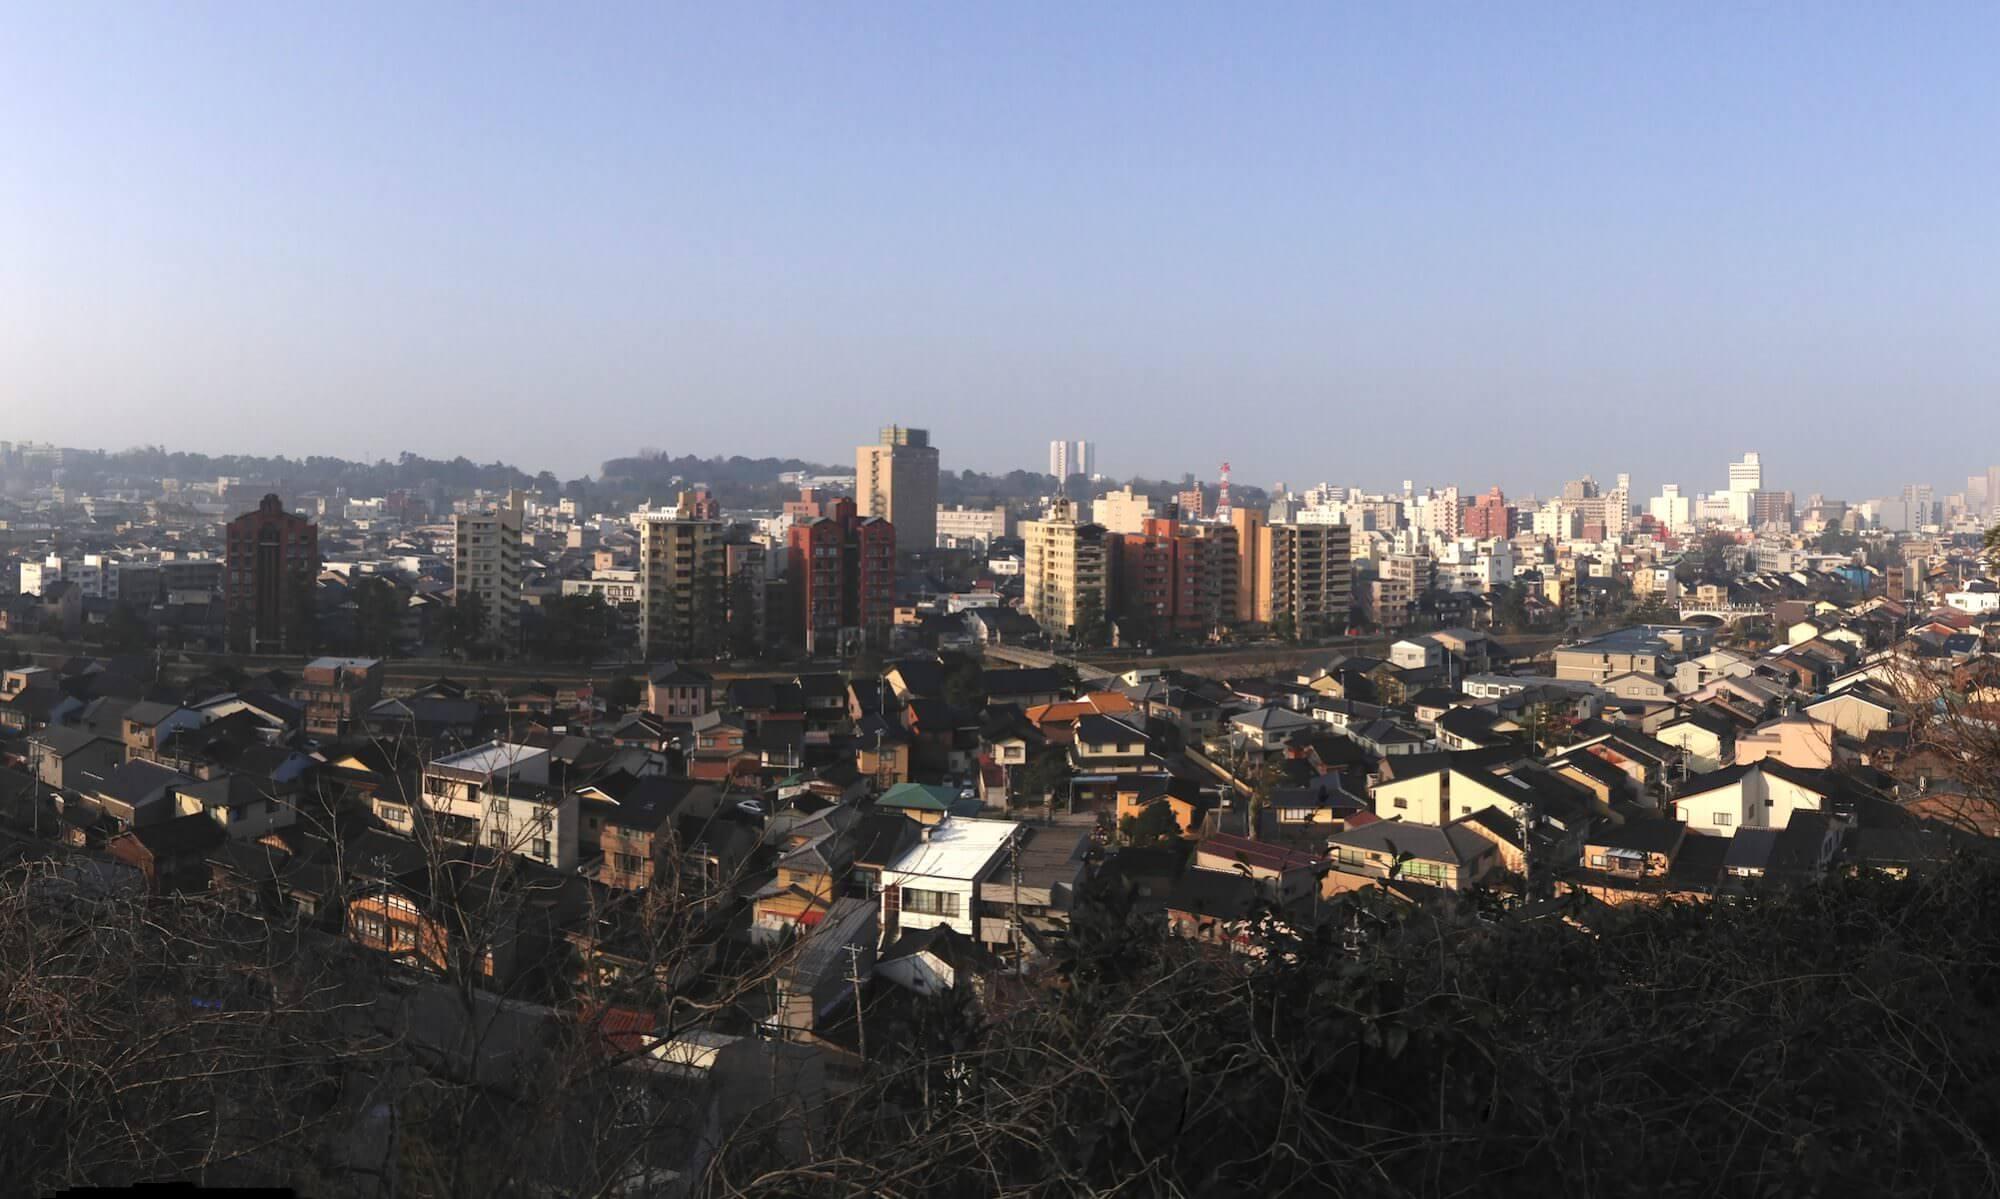 境内から眺める百万石の城下町